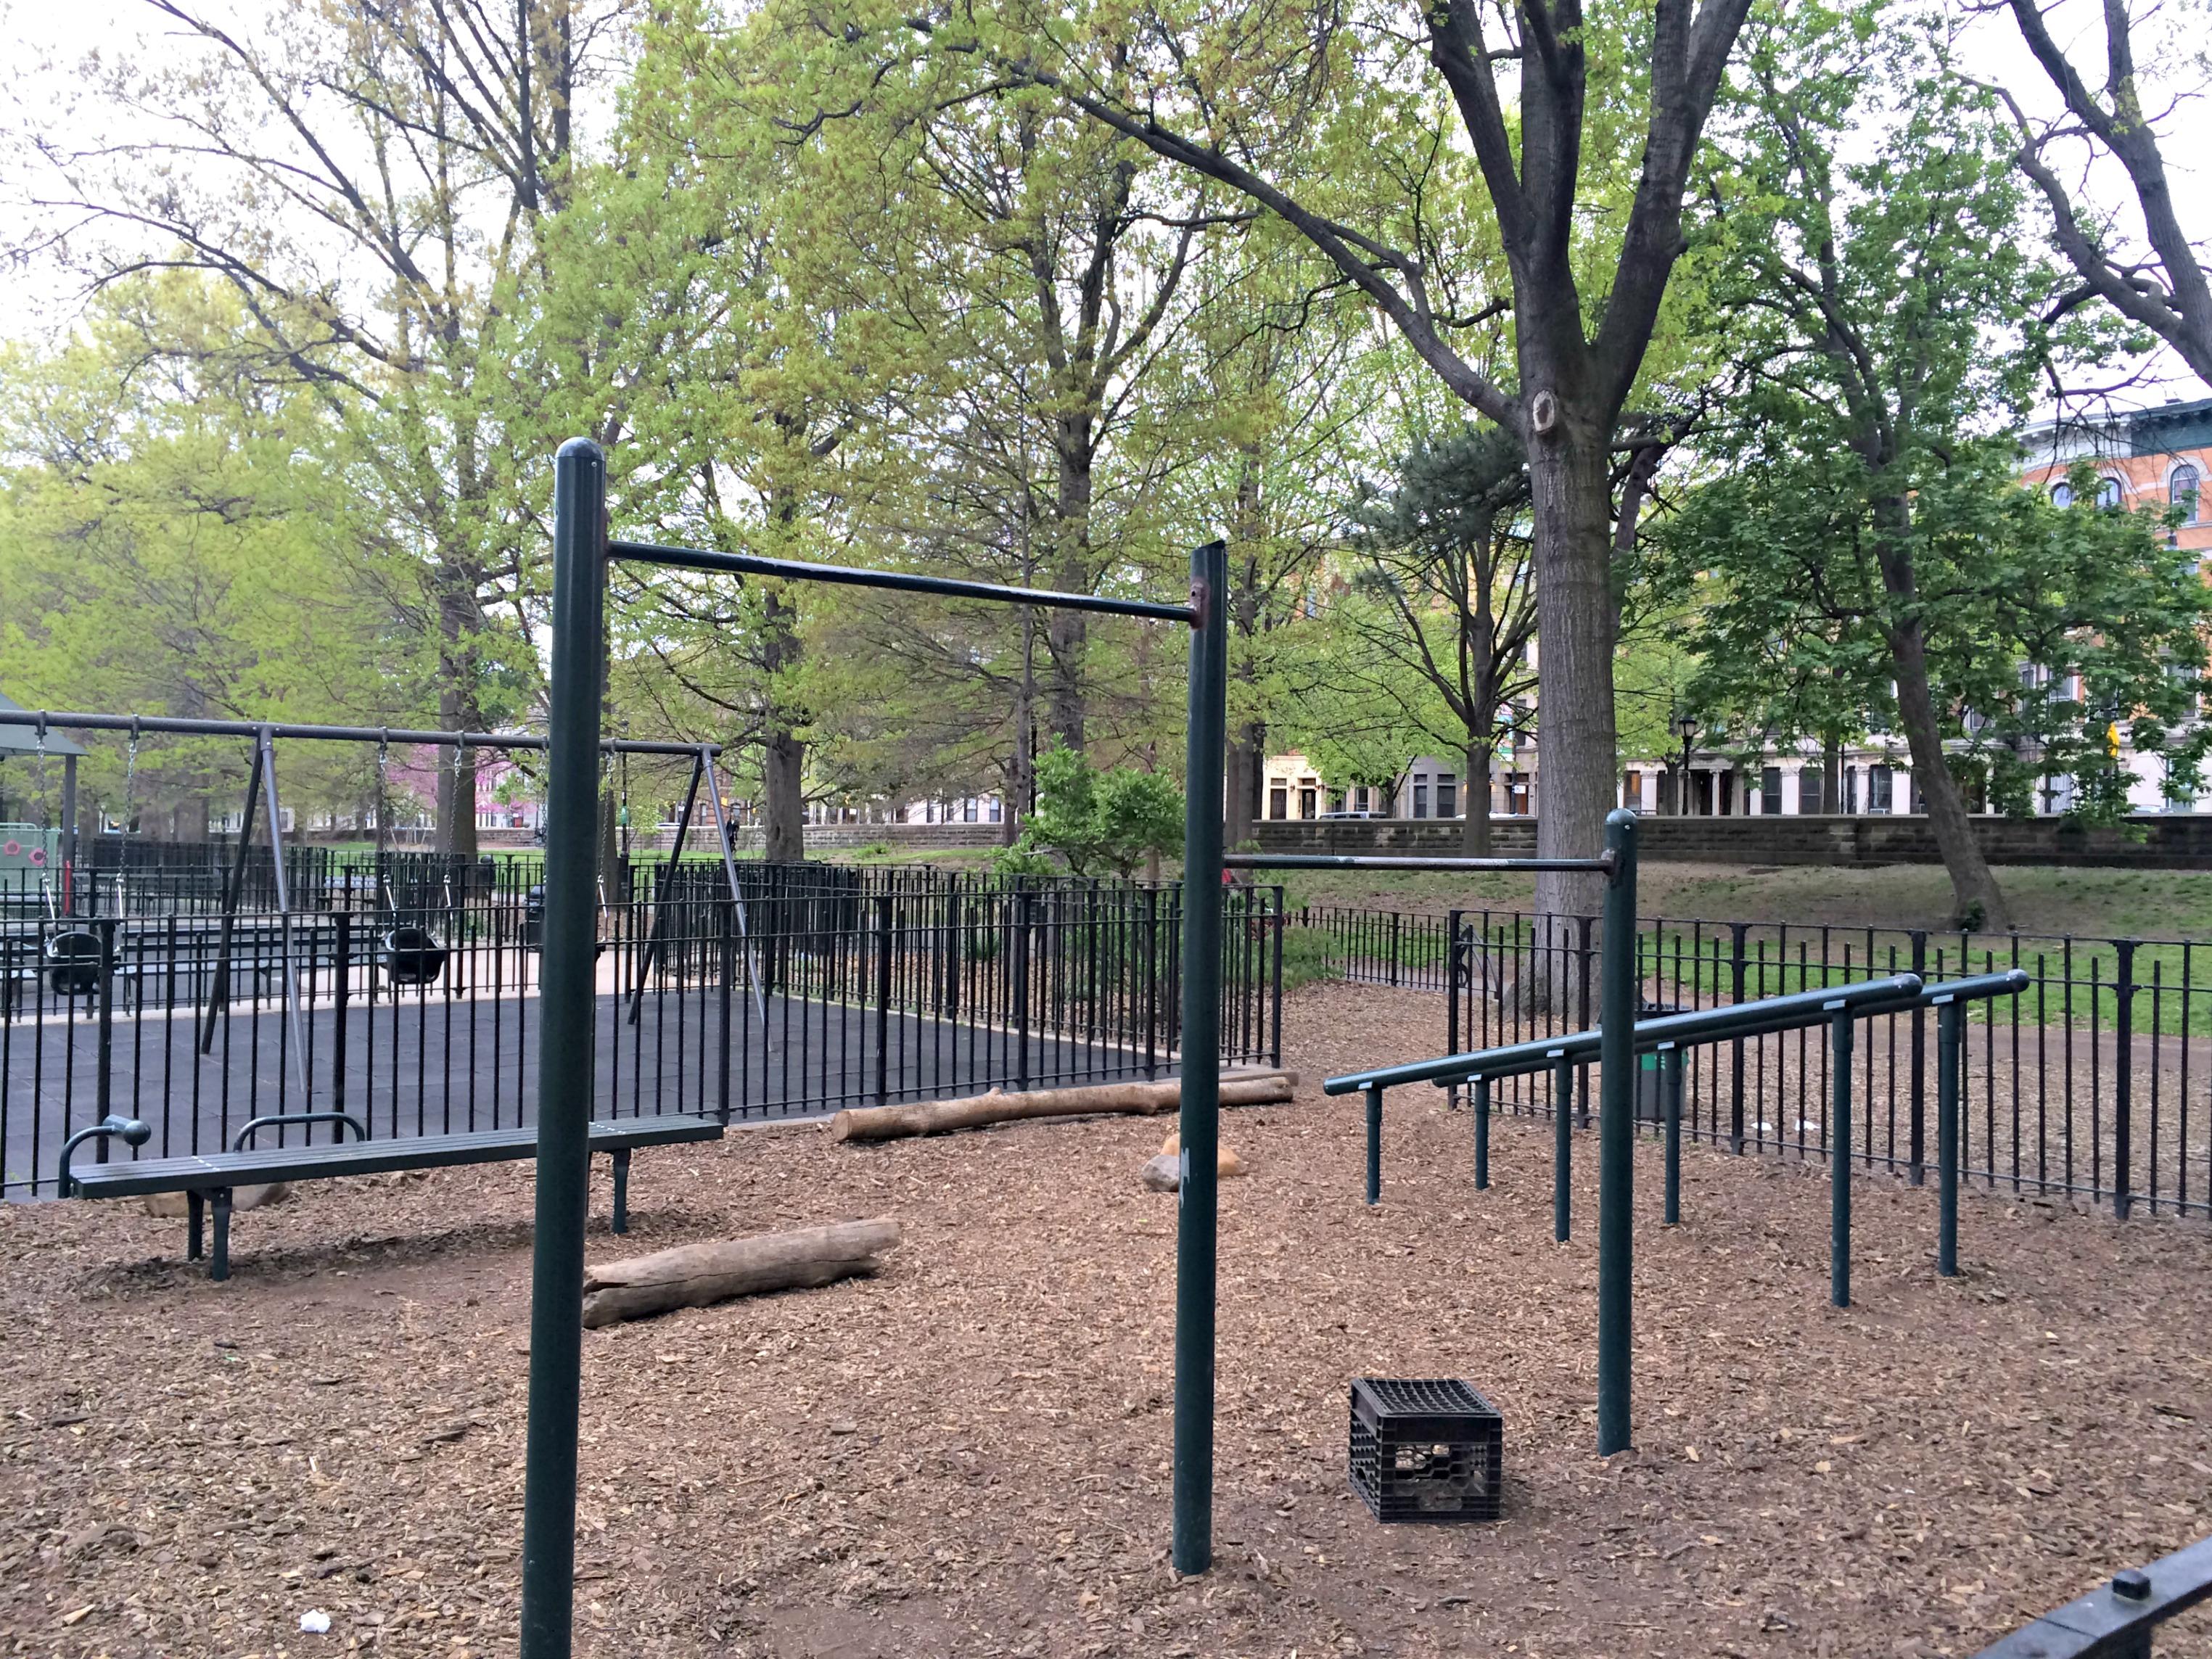 Prospect Park workout area